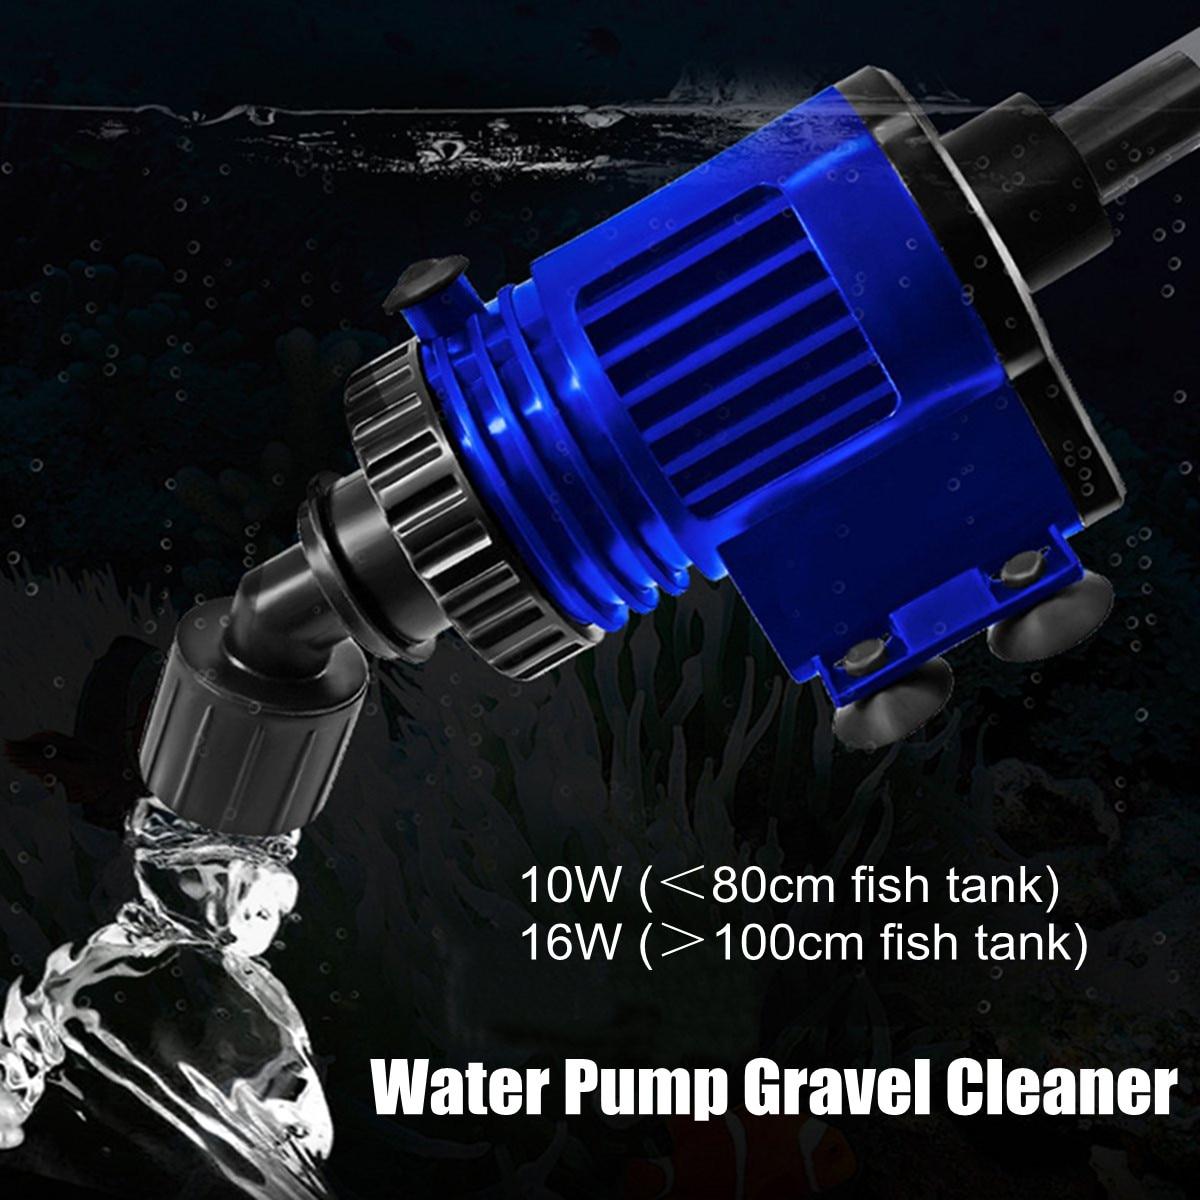 Aquarium Electric Vacuum Cleaner Gravel Fish Tank Water